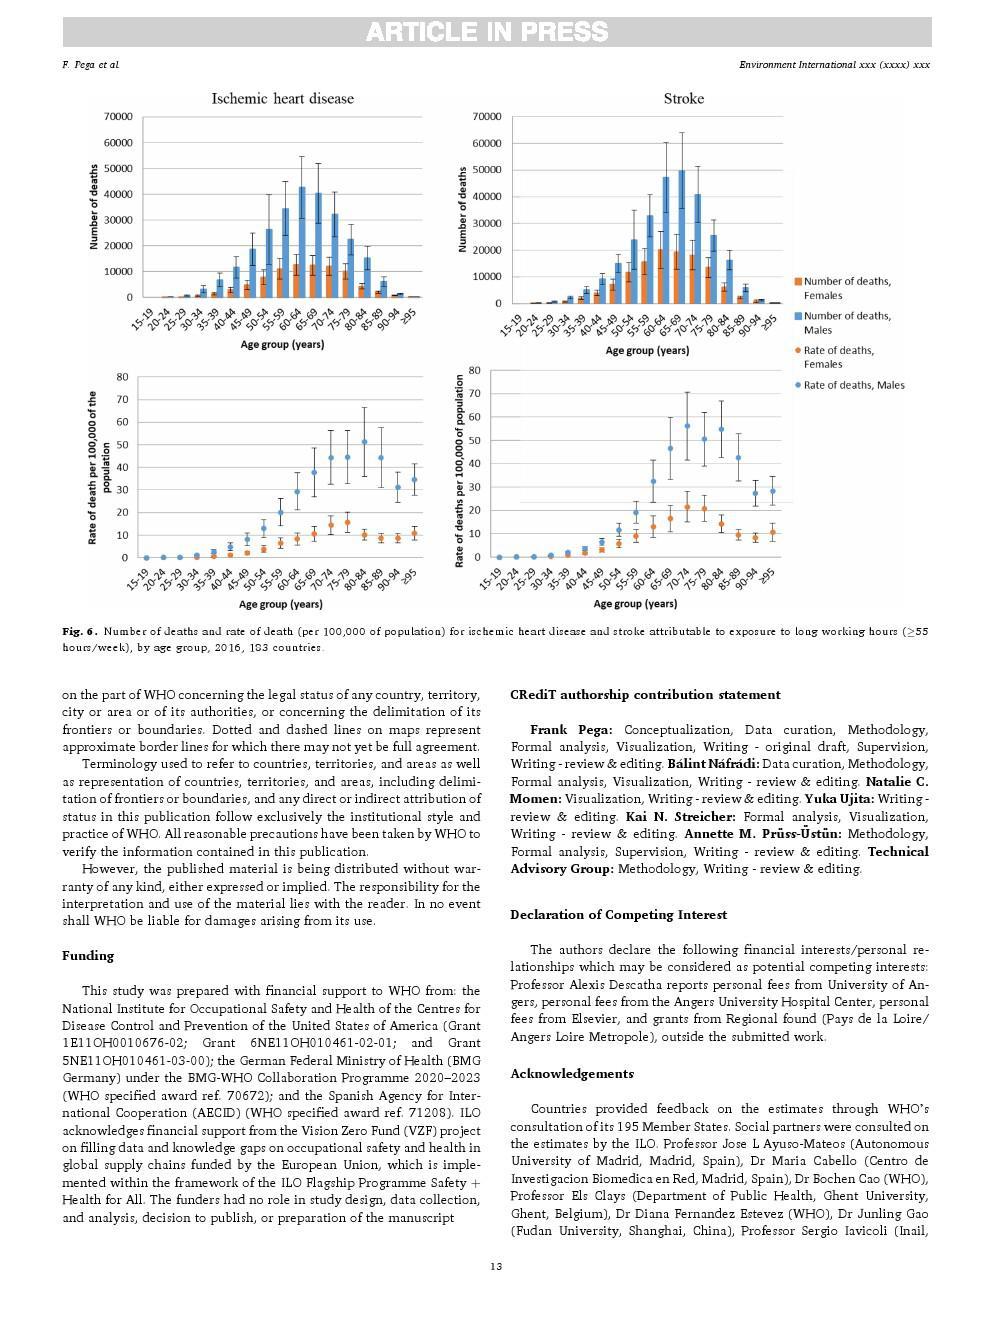 國際勞工組織:長時間工作健康風險全球調查報告